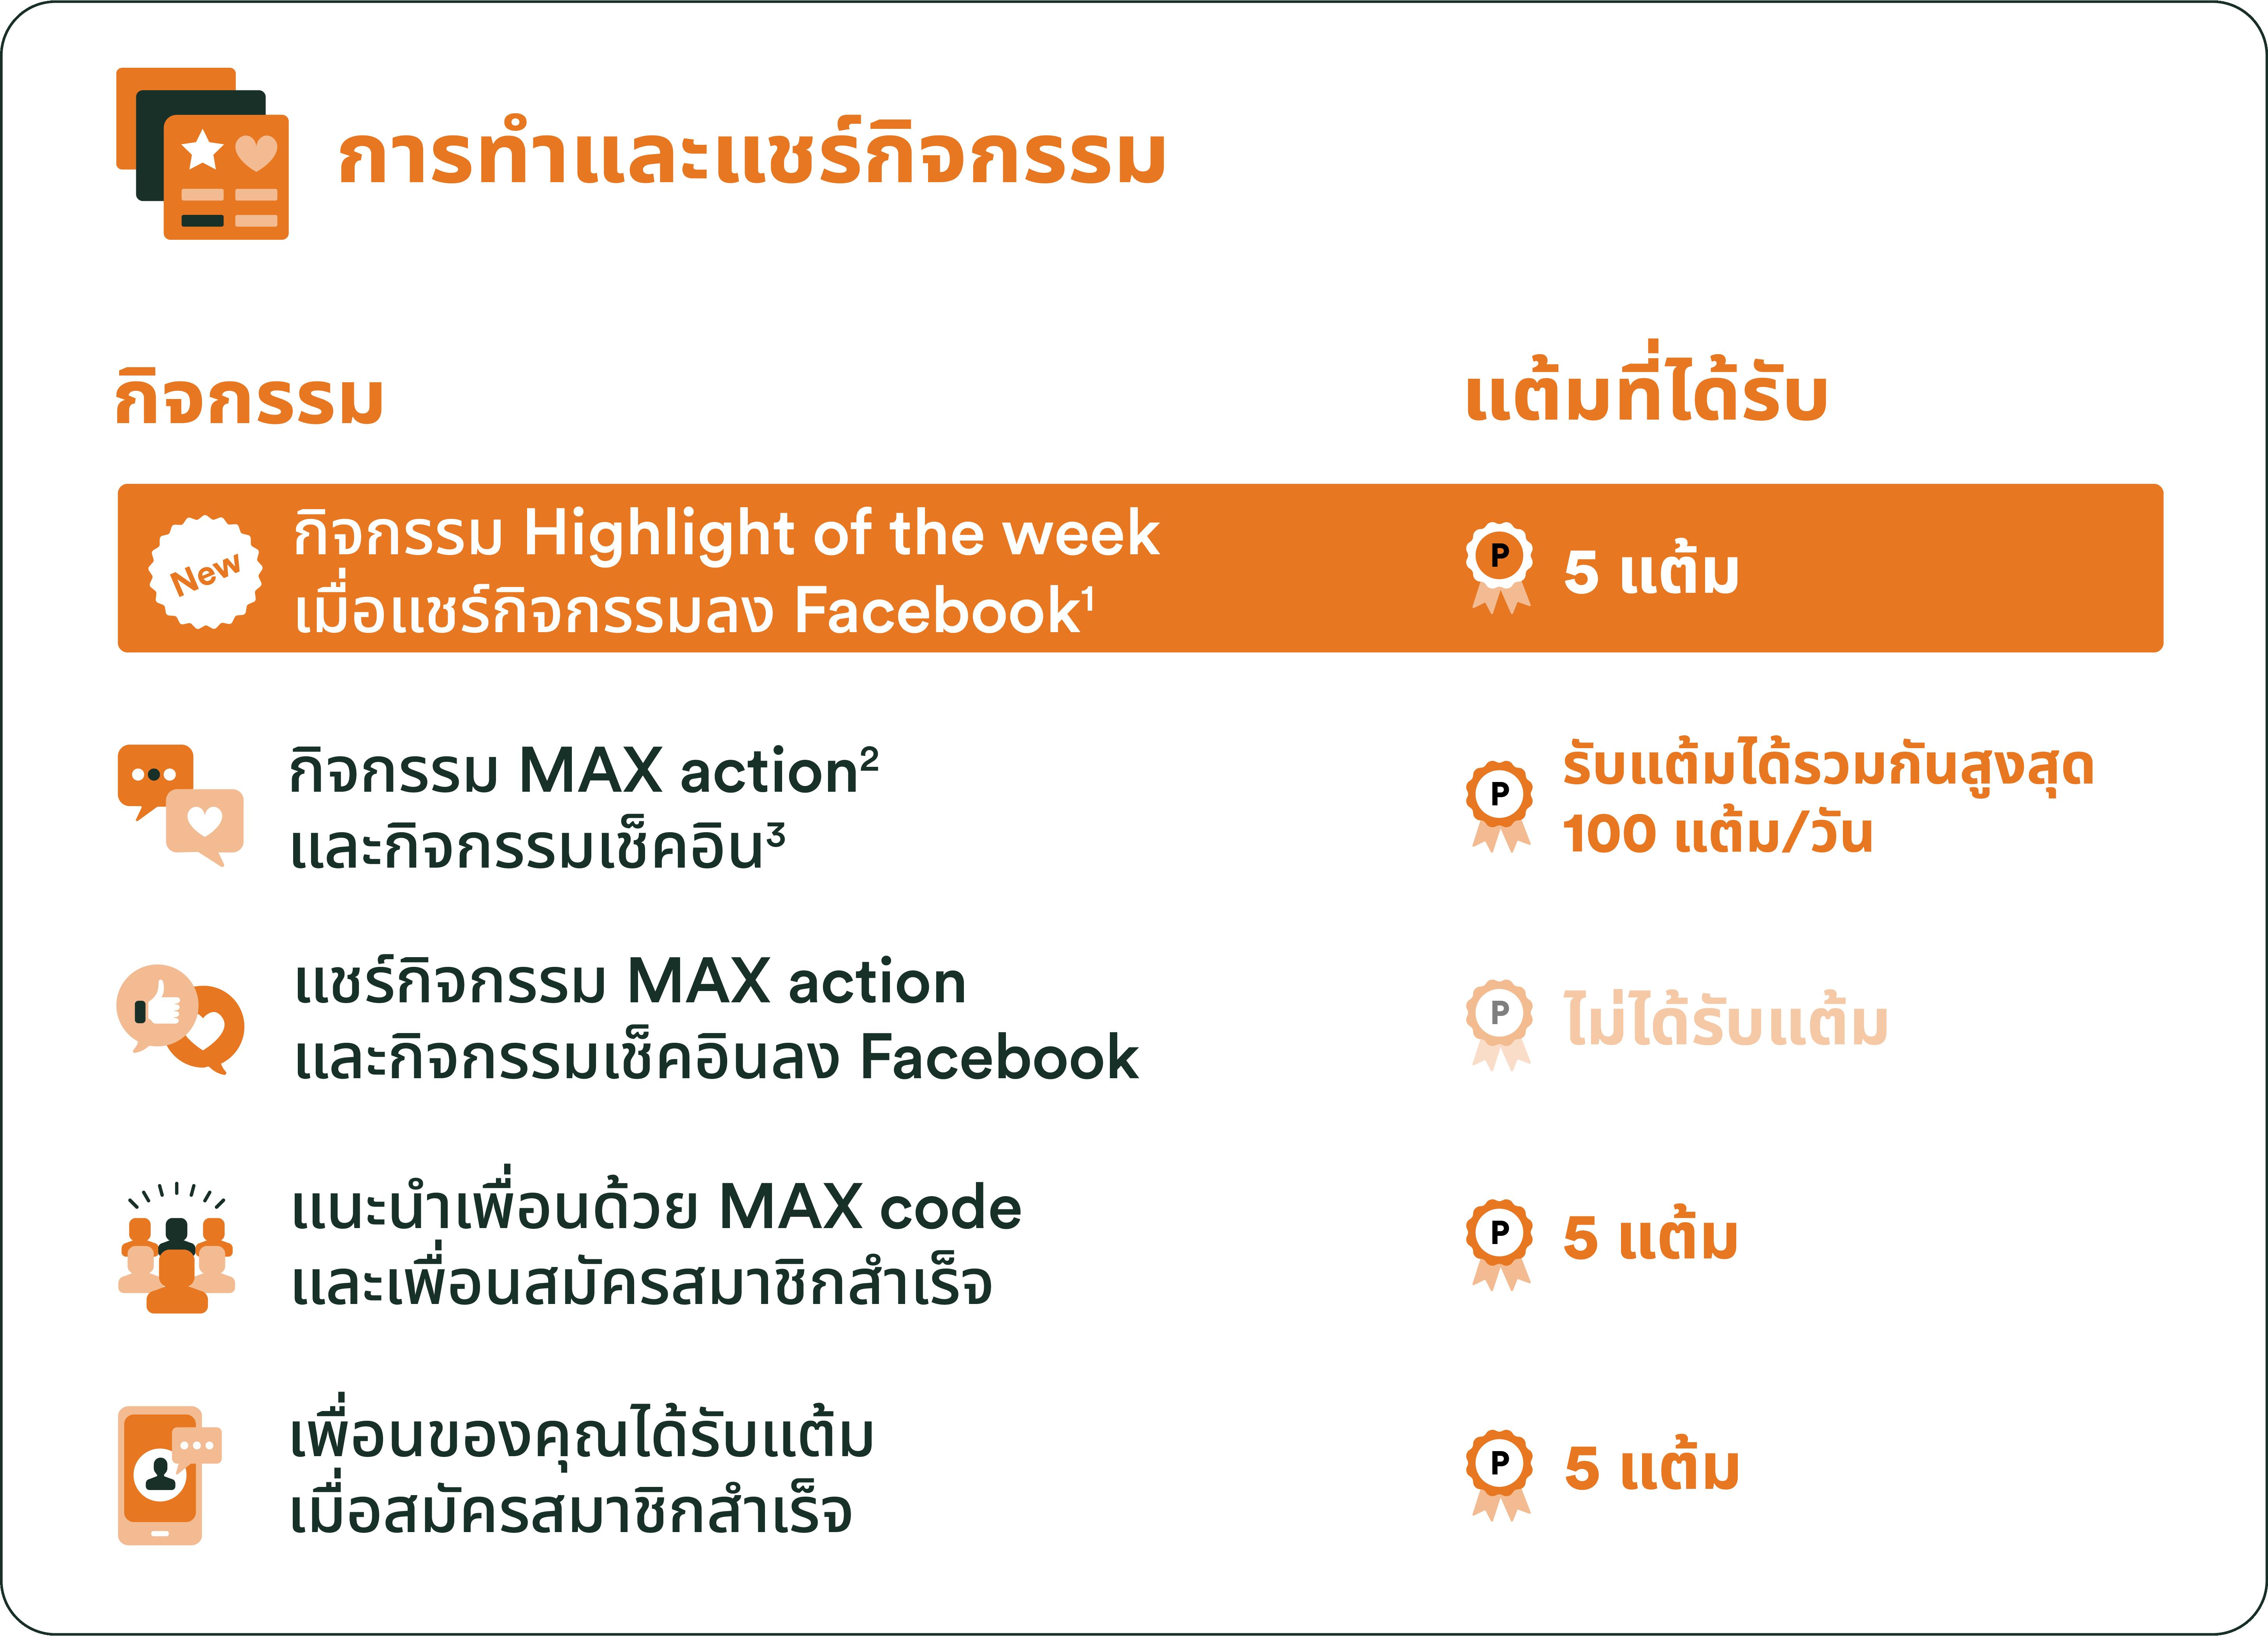 การสะสมแต้ม FWD MAX รูปแบบใหม่ เริ่ม 6 กันยายน 2564